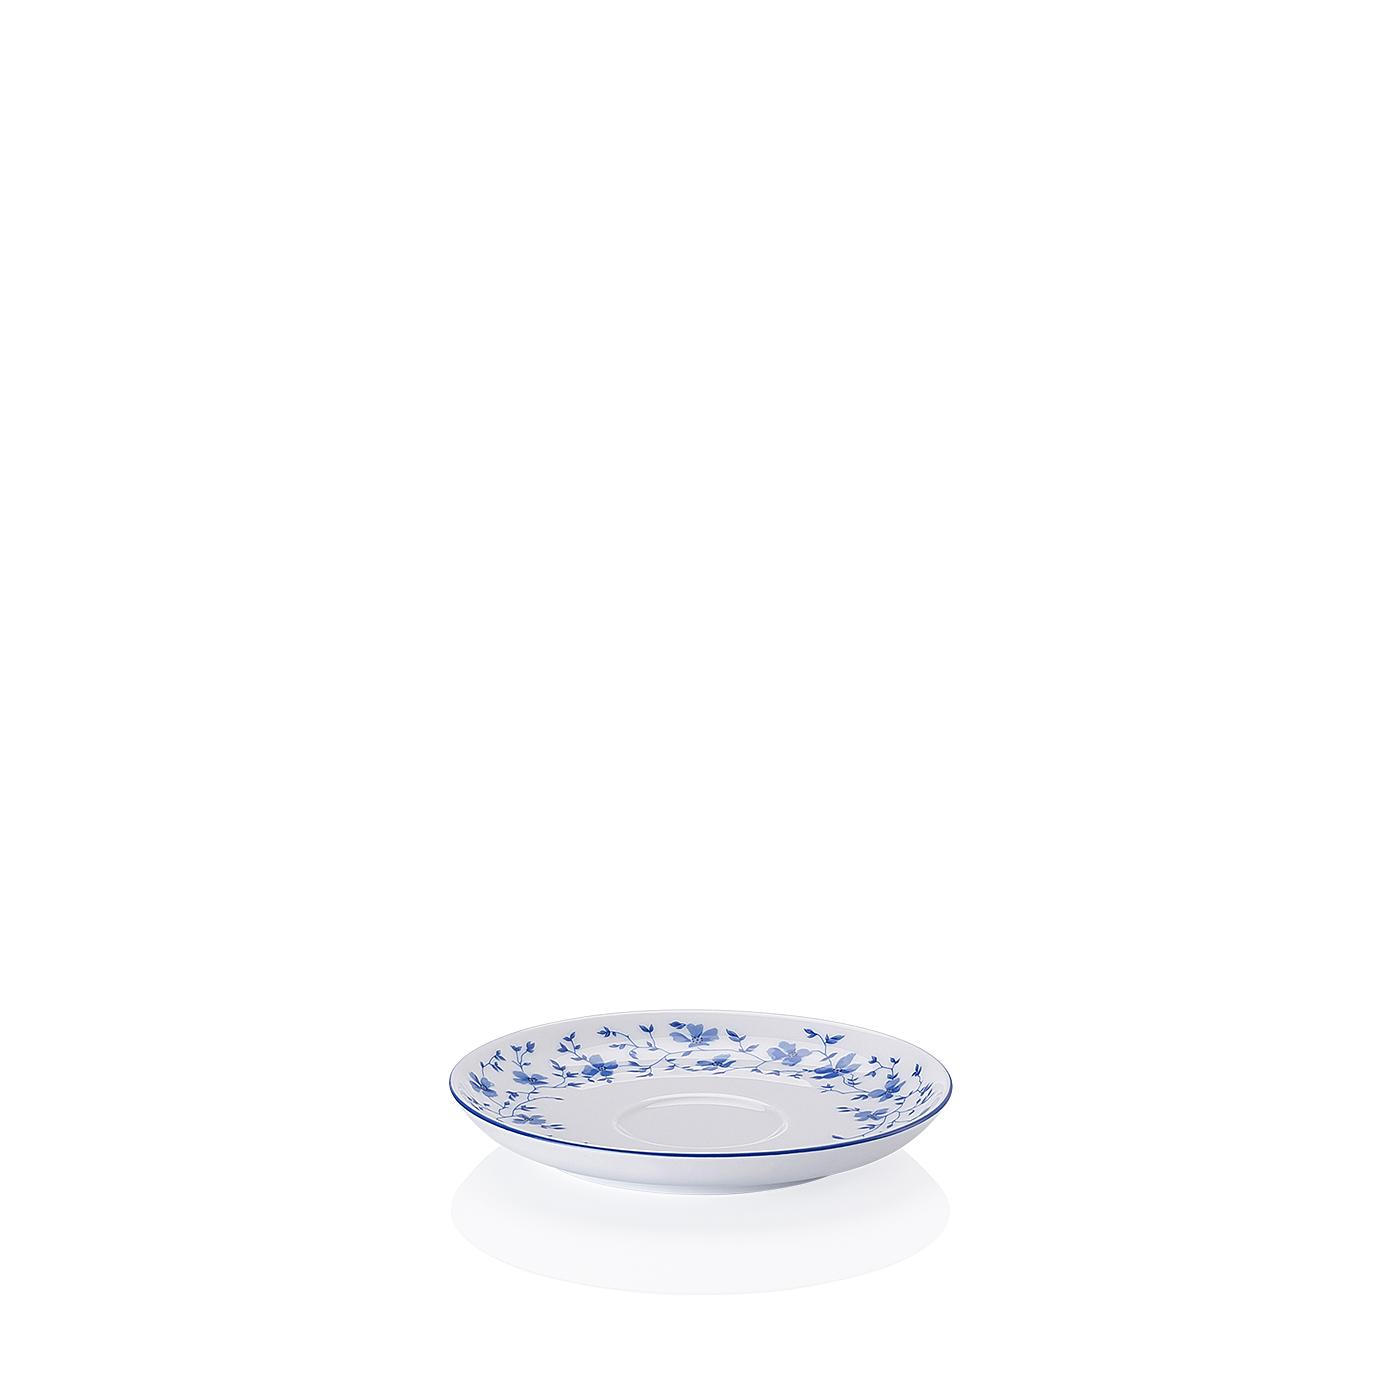 Kaffee-Untertasse Form 1382 Blaublüten Arzberg